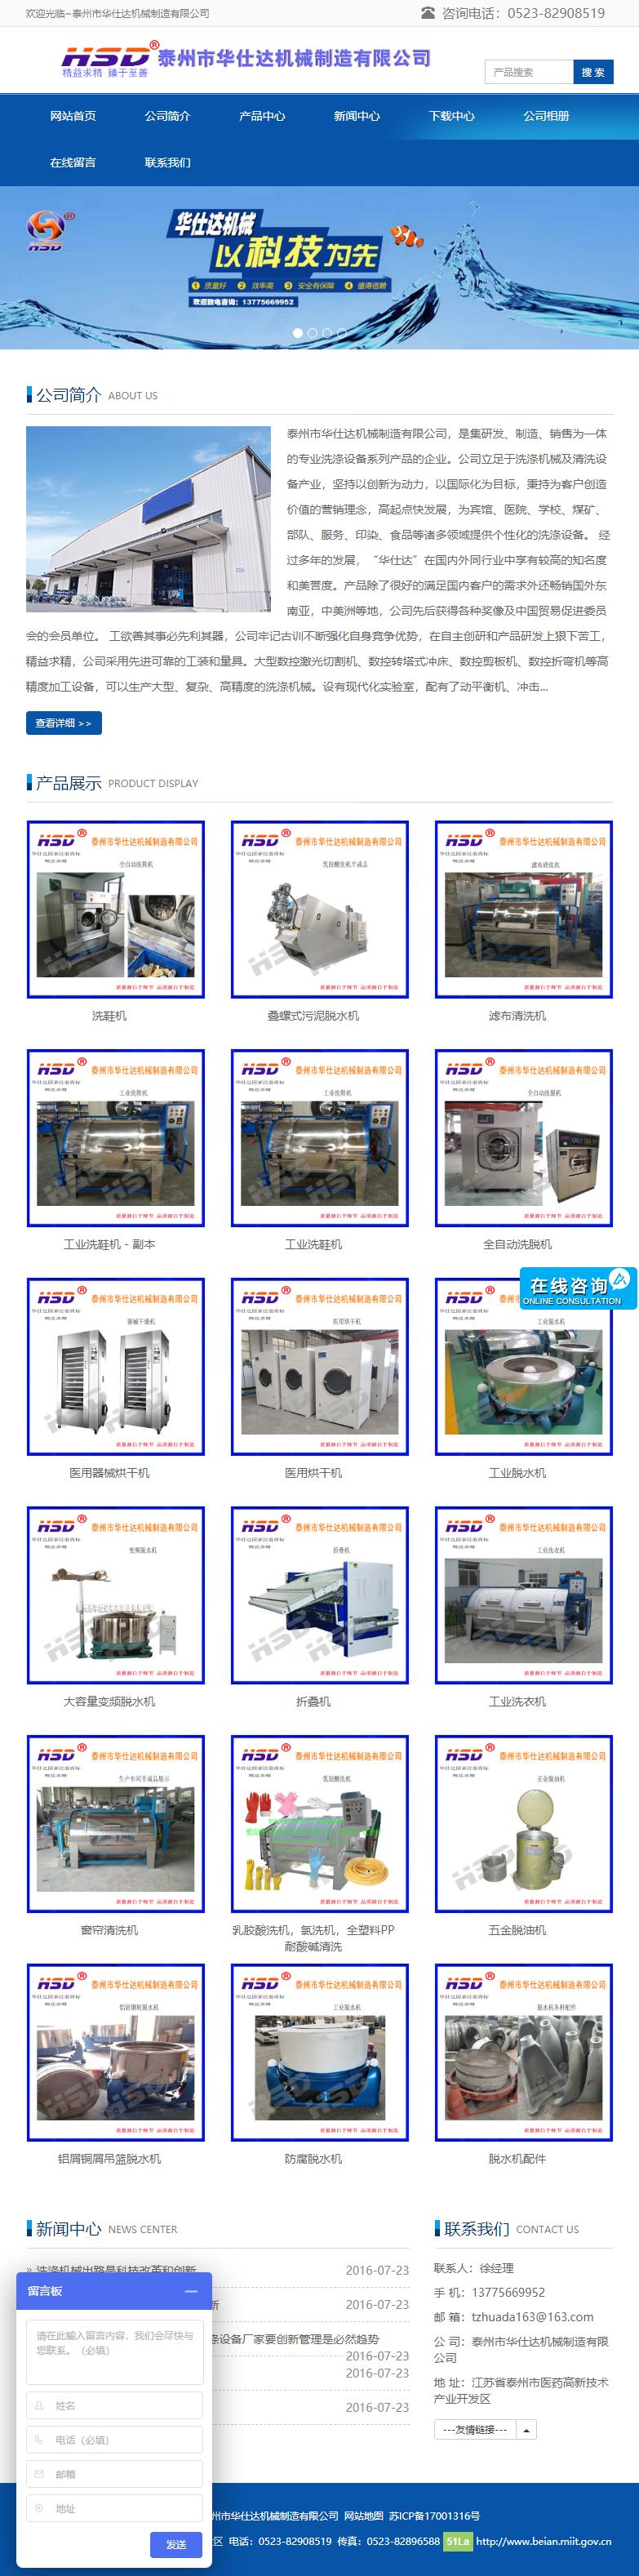 泰州市华仕达机械制造有限公司网站案例